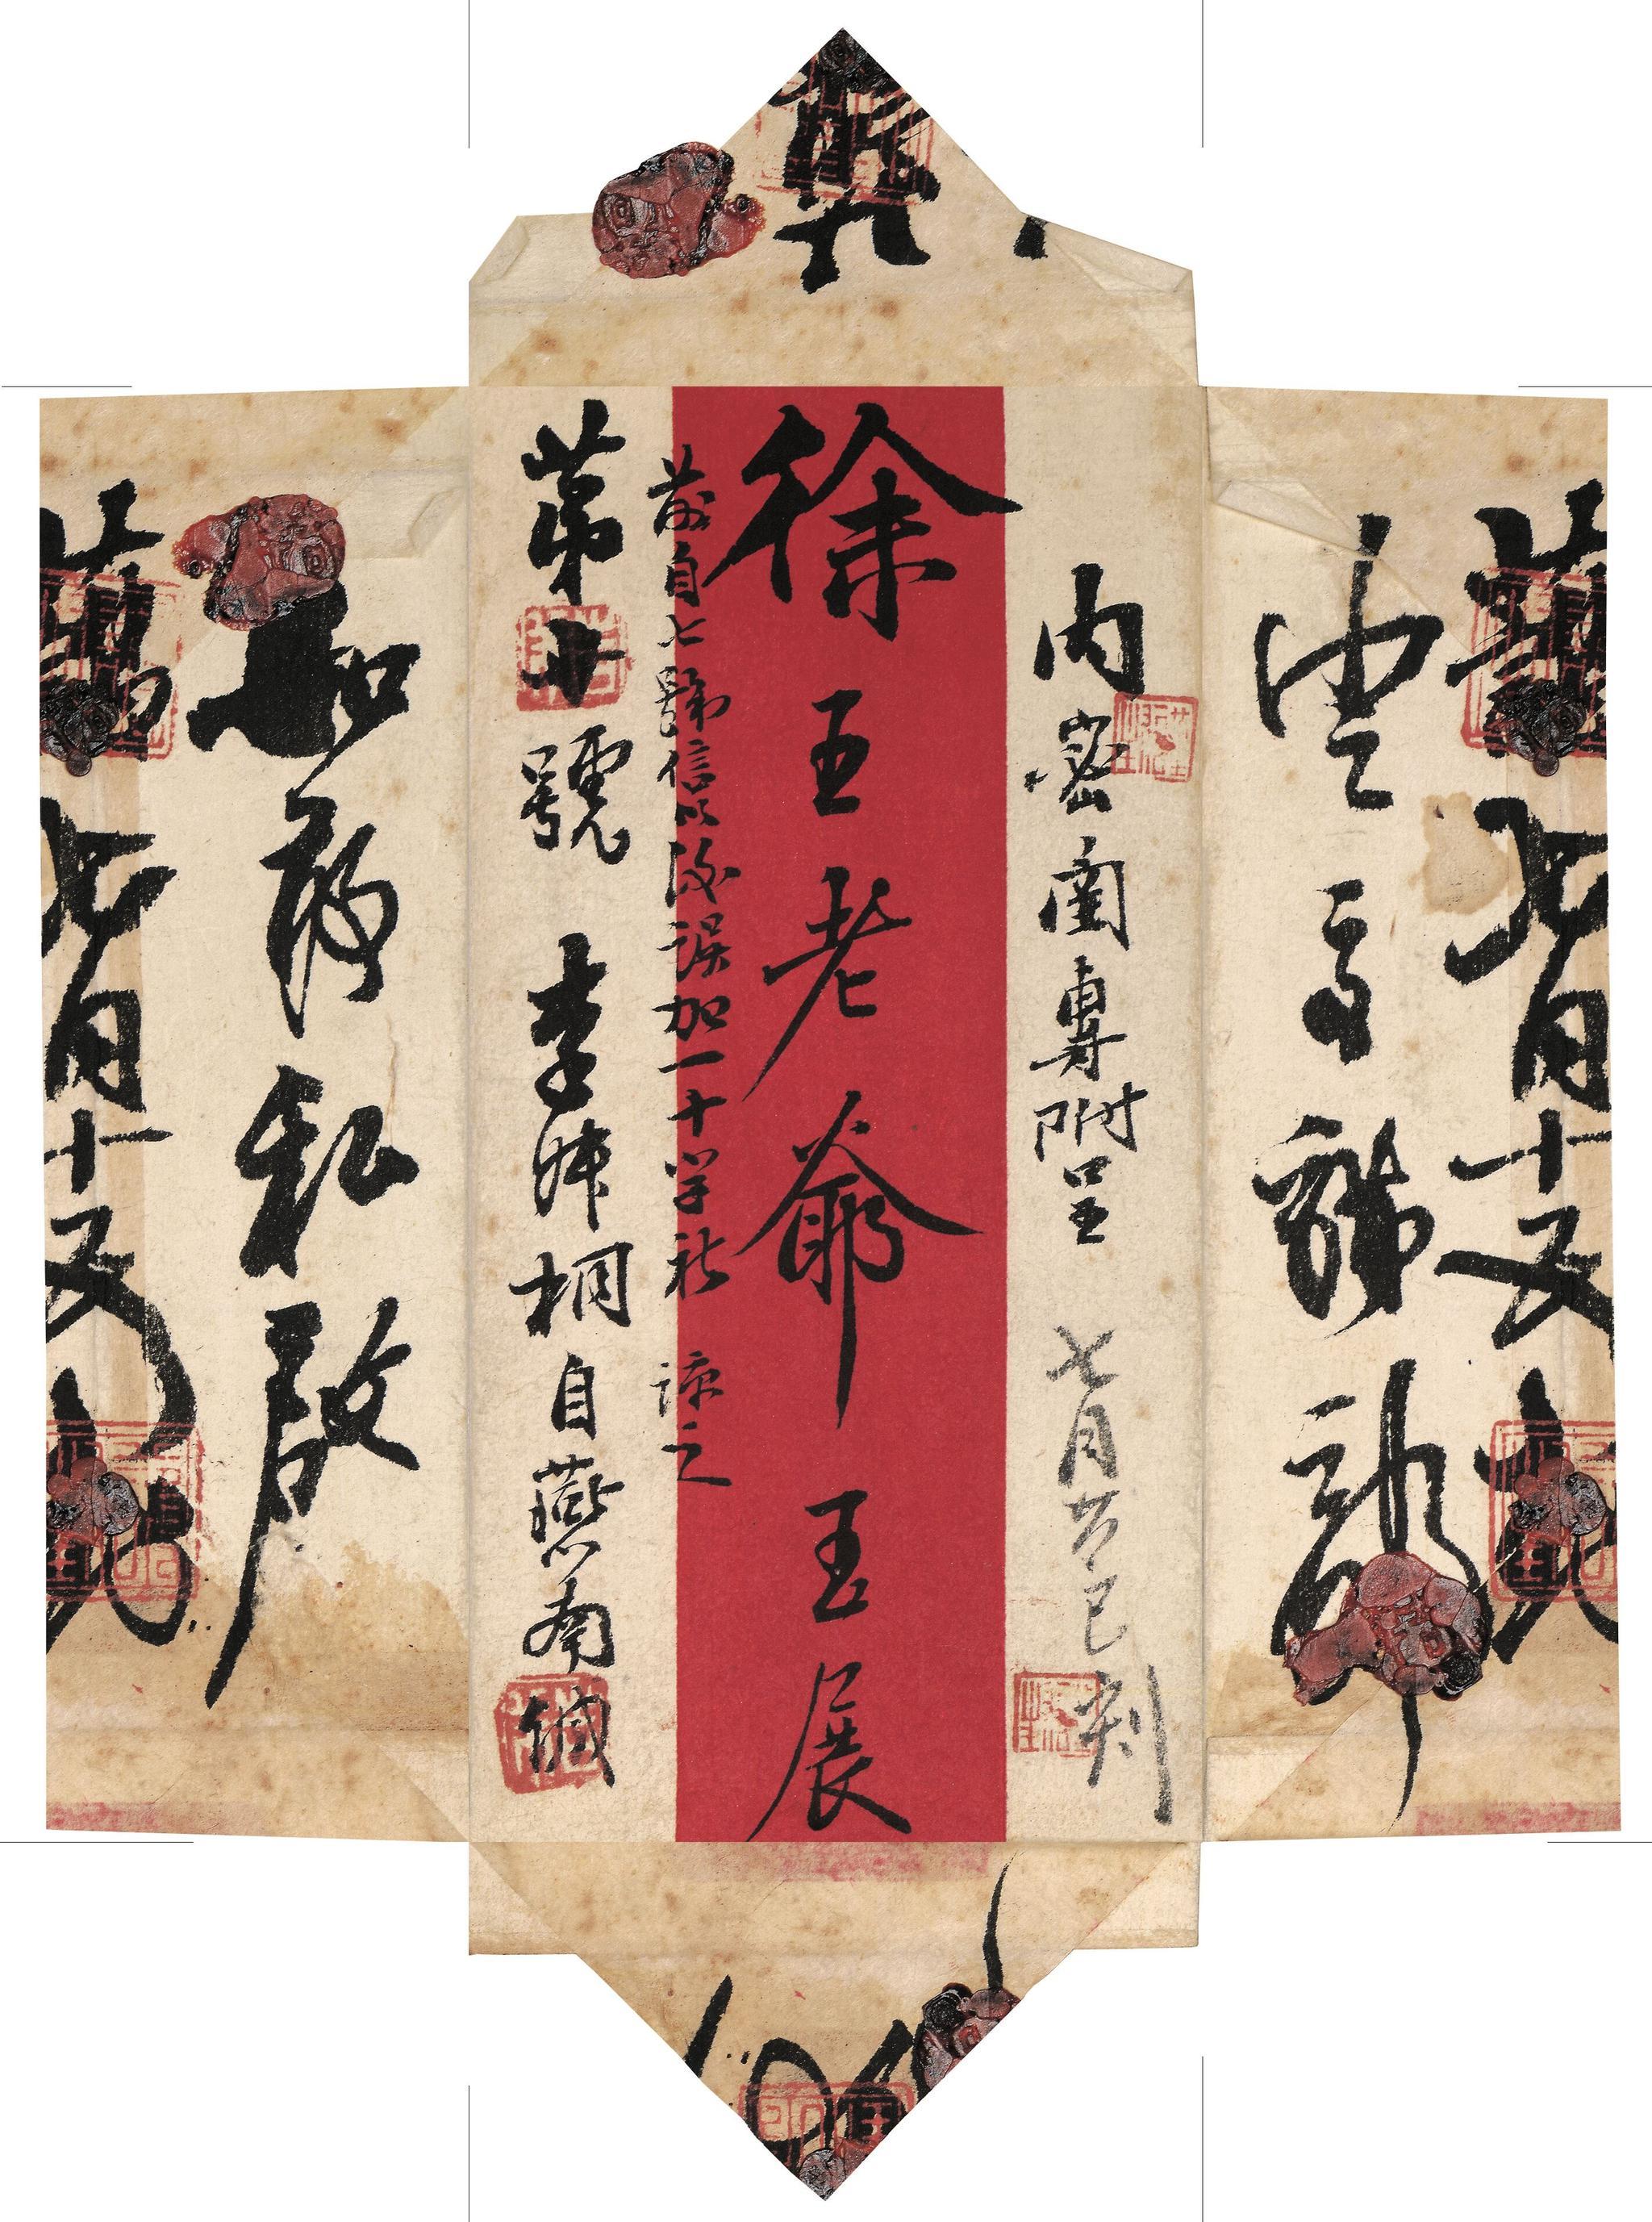 弘一法师用过的信封。